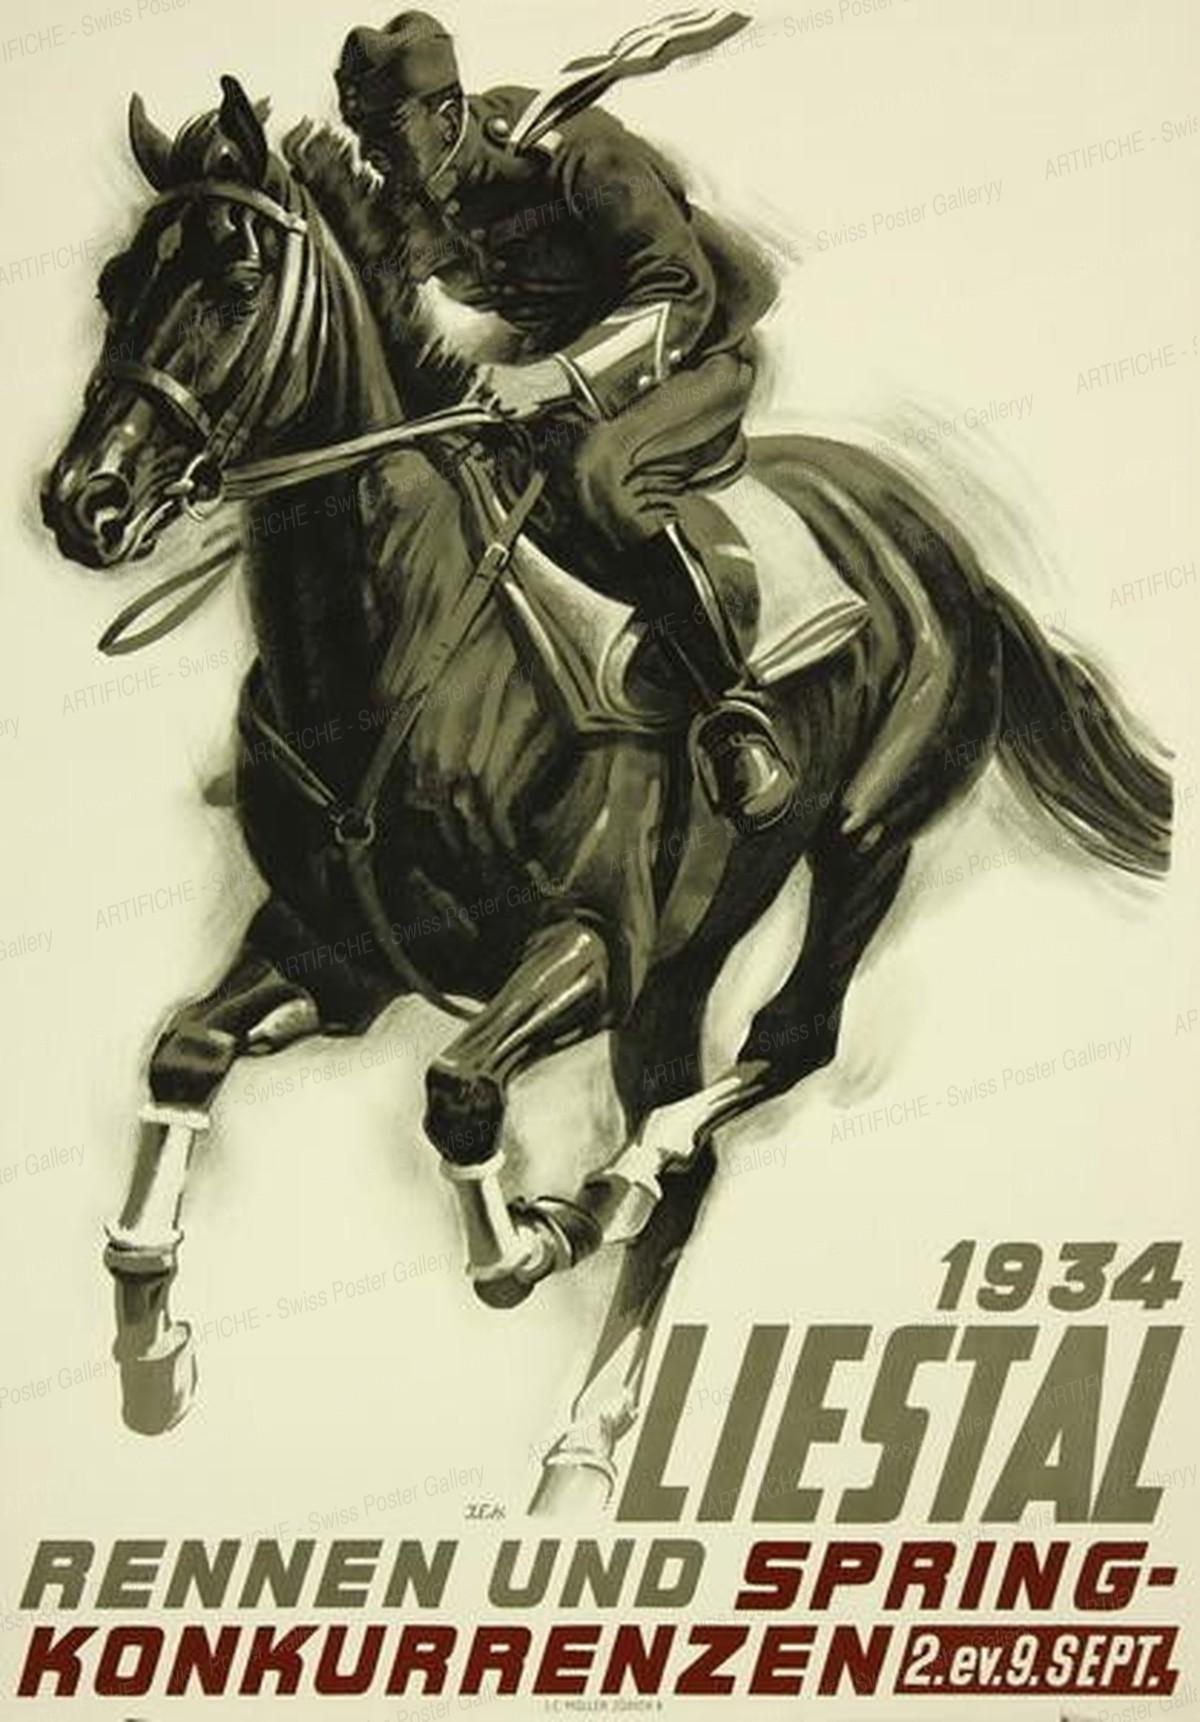 Concours hippique – Horse race Liestal, Iwan Edwin Hugentobler